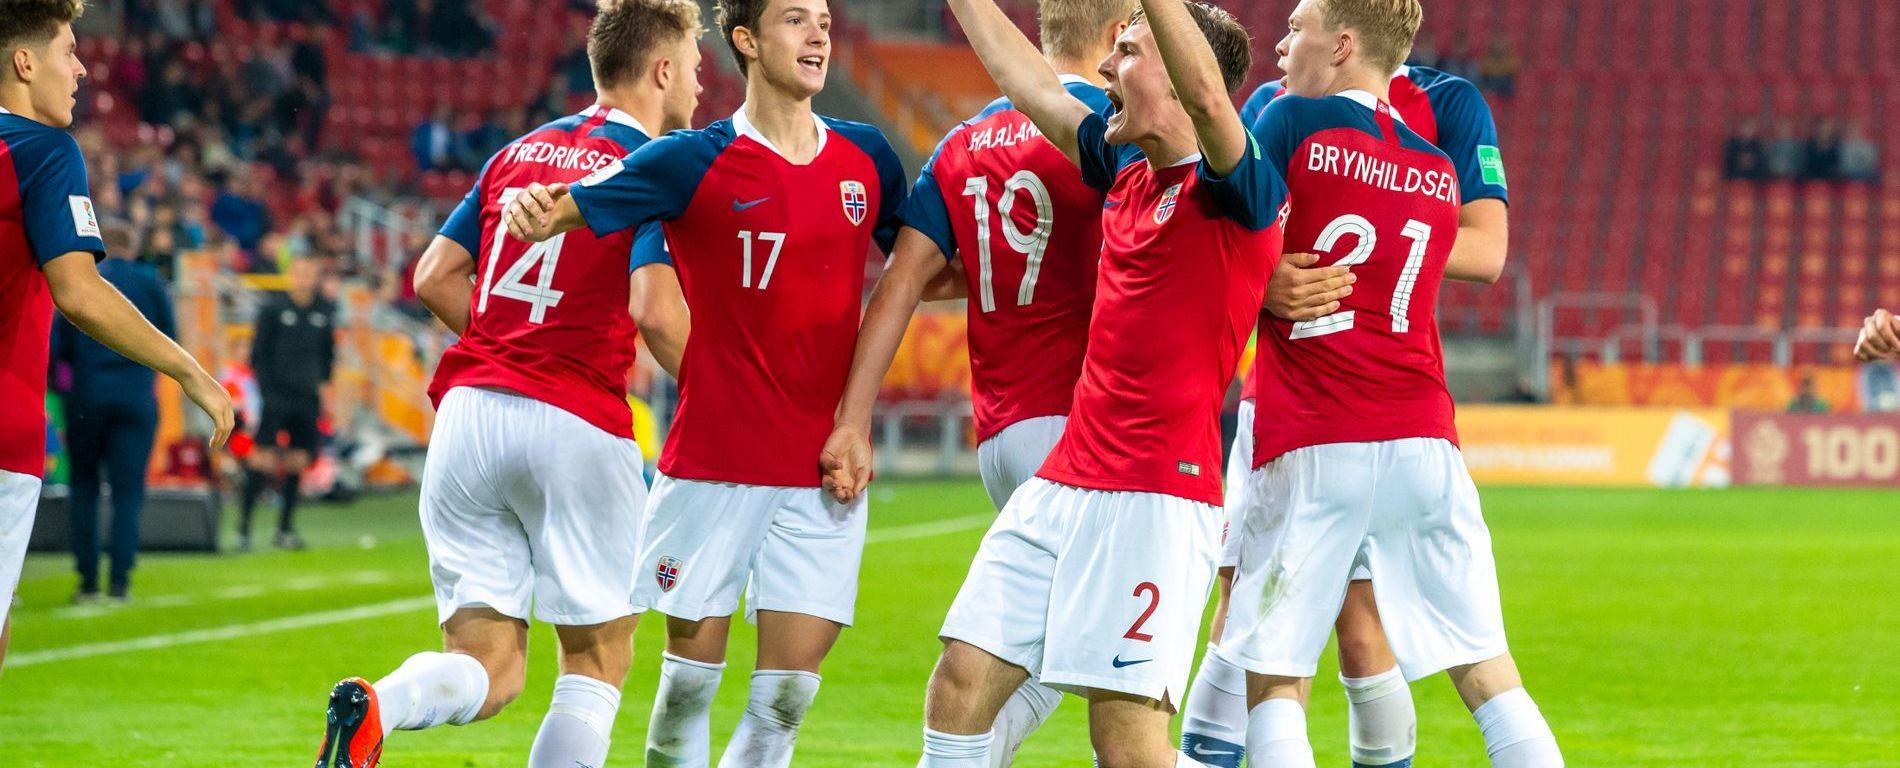 Noruega pode boicotar participação no Mundial do Catar